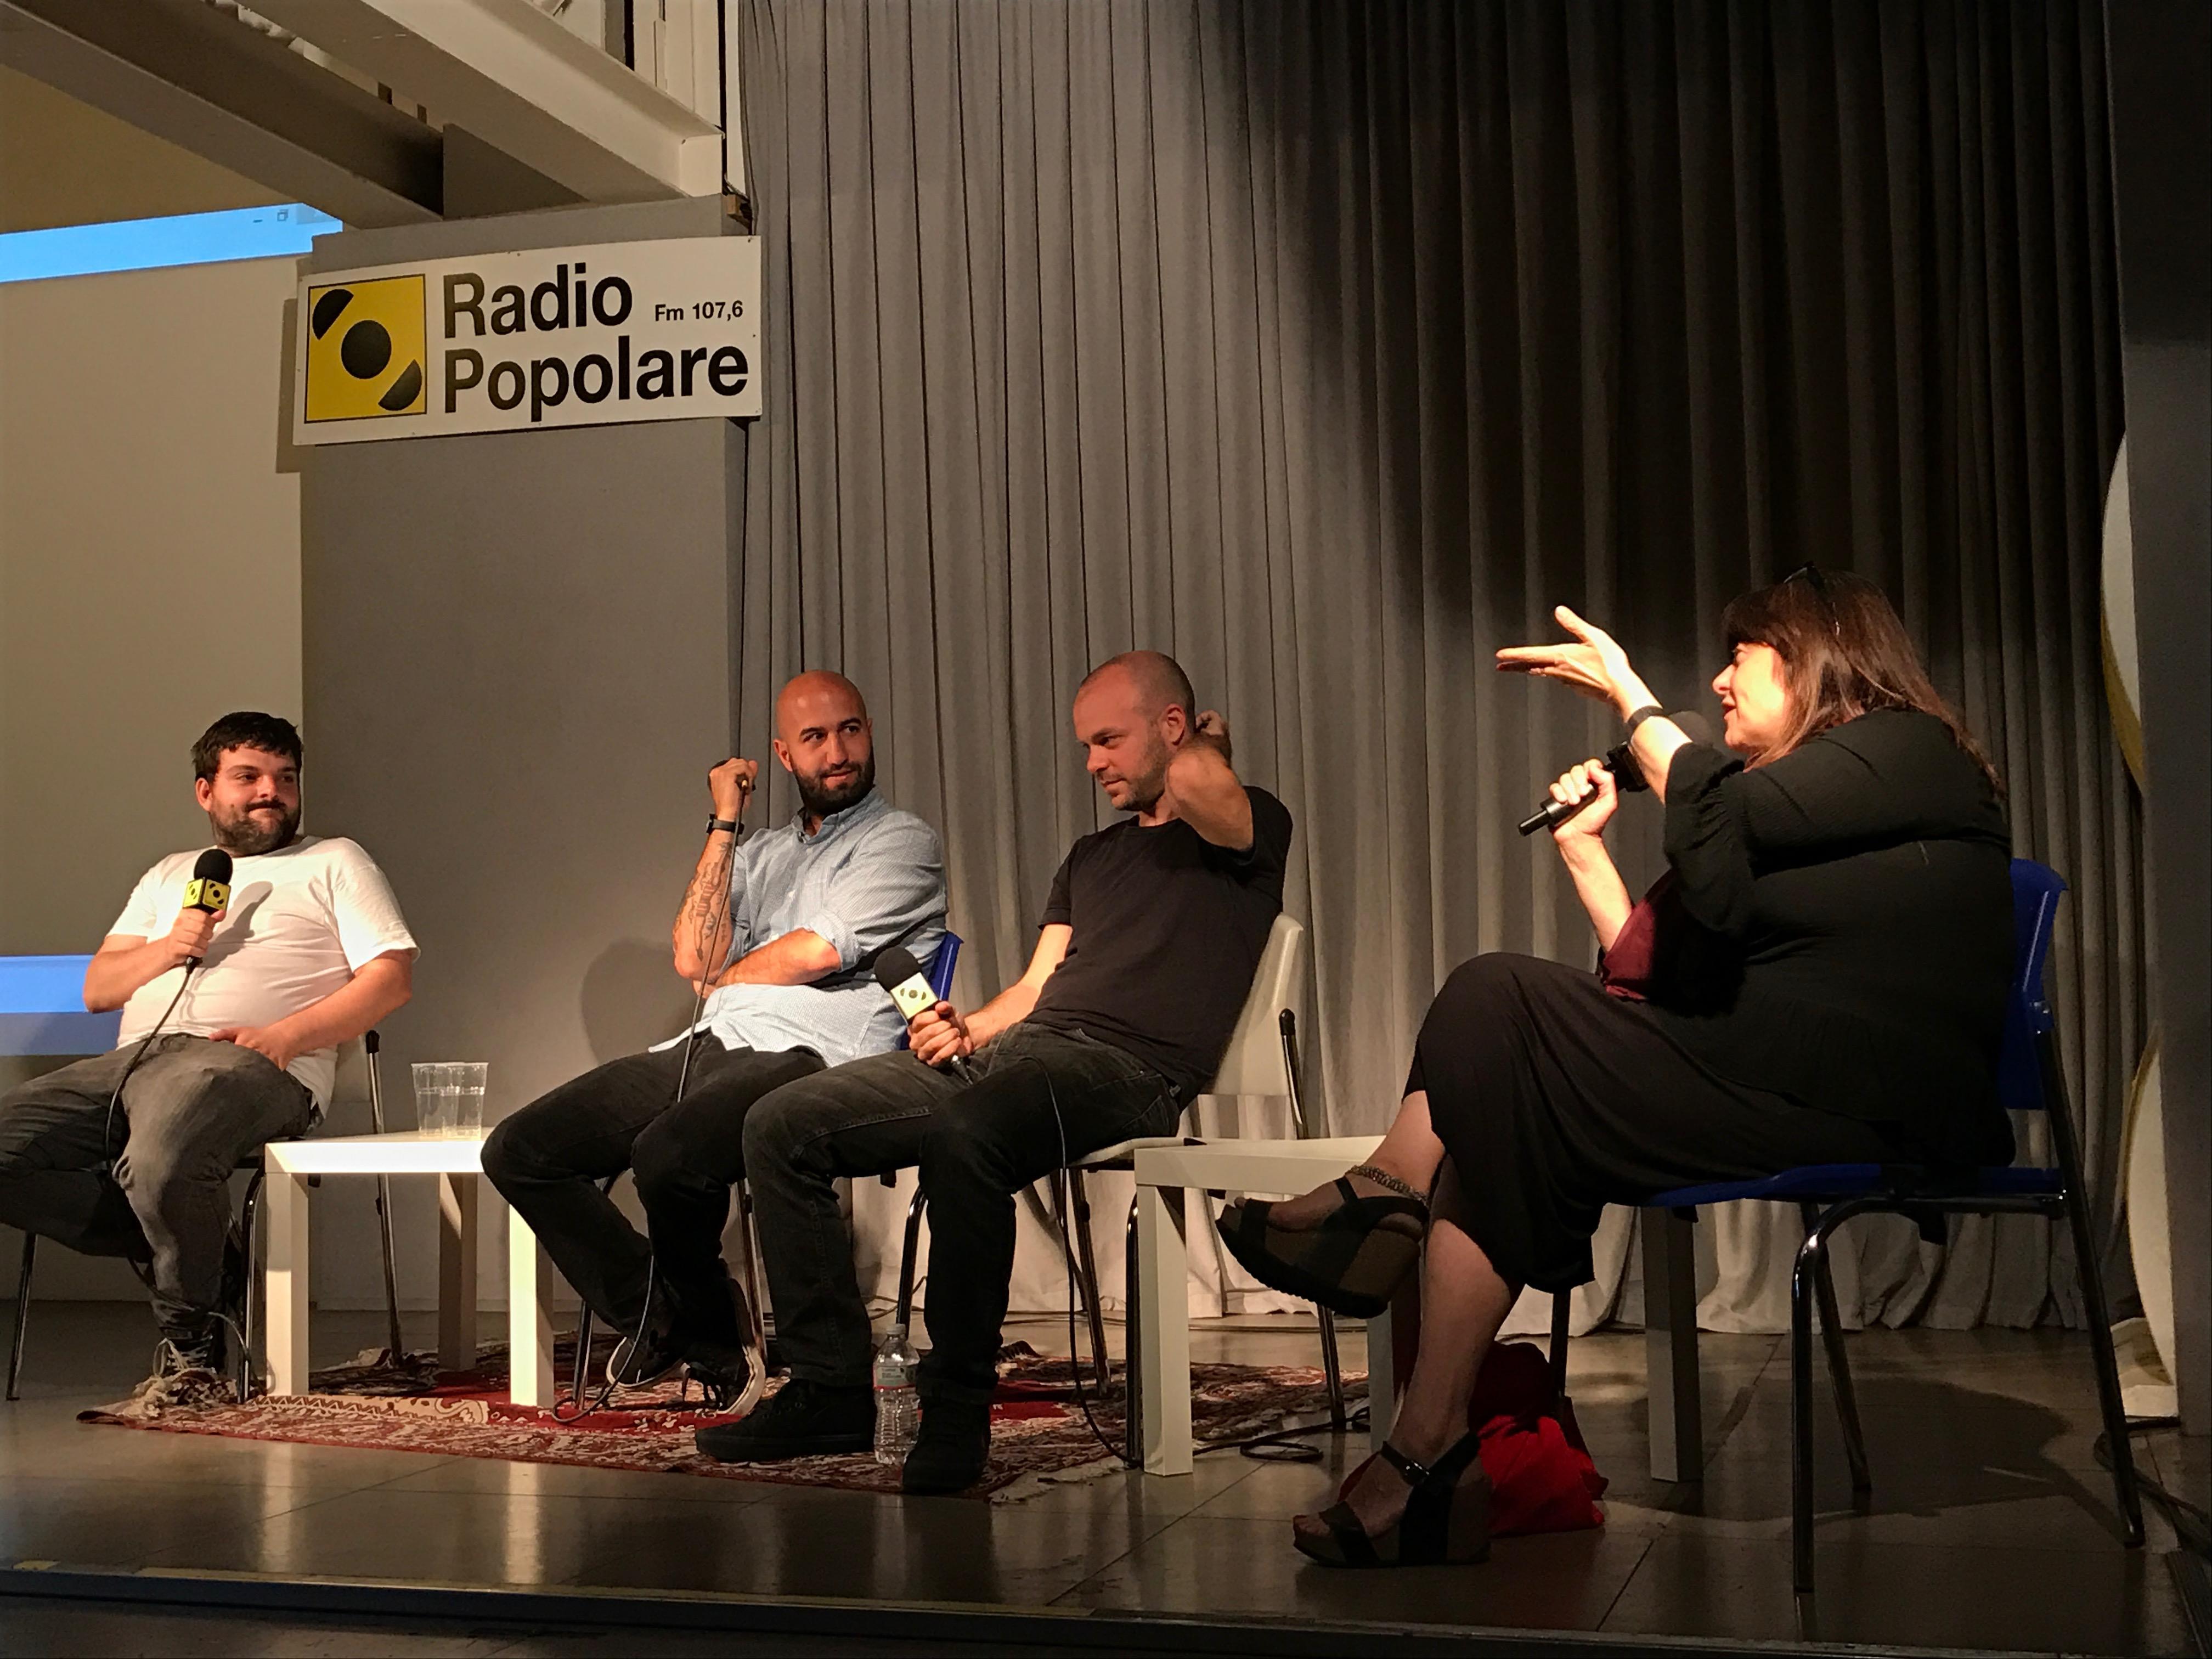 Intervista semiseria al Terzo segreto di satira a cura di Ira Rubini